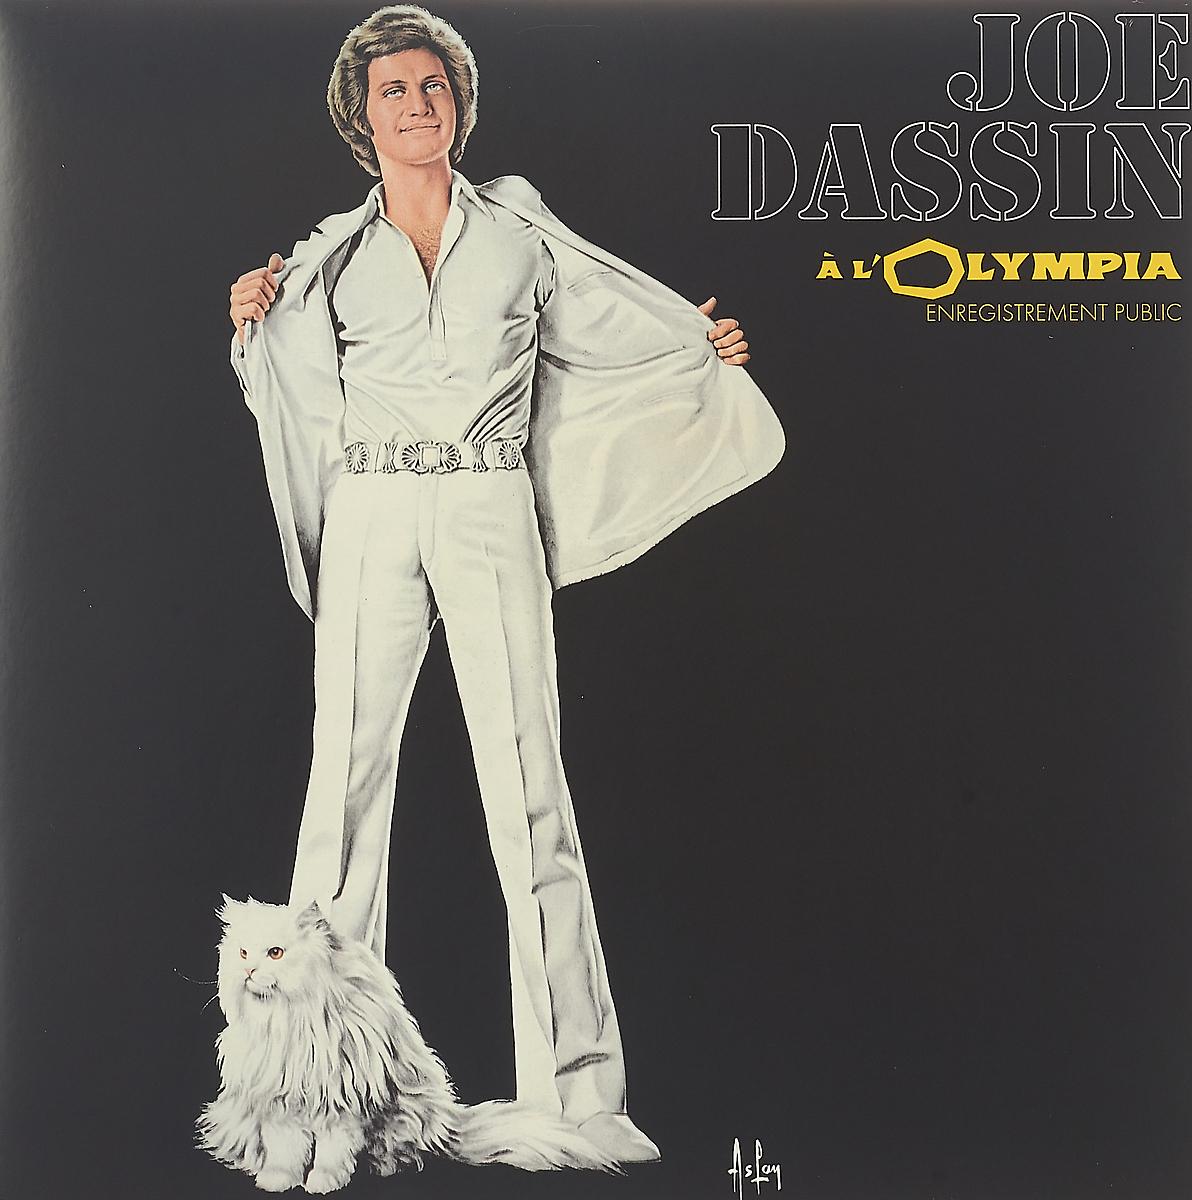 Джо Дассен Joe Dassin. A L'Olympia (2 LP) joe dassin joe dassin joe dassin